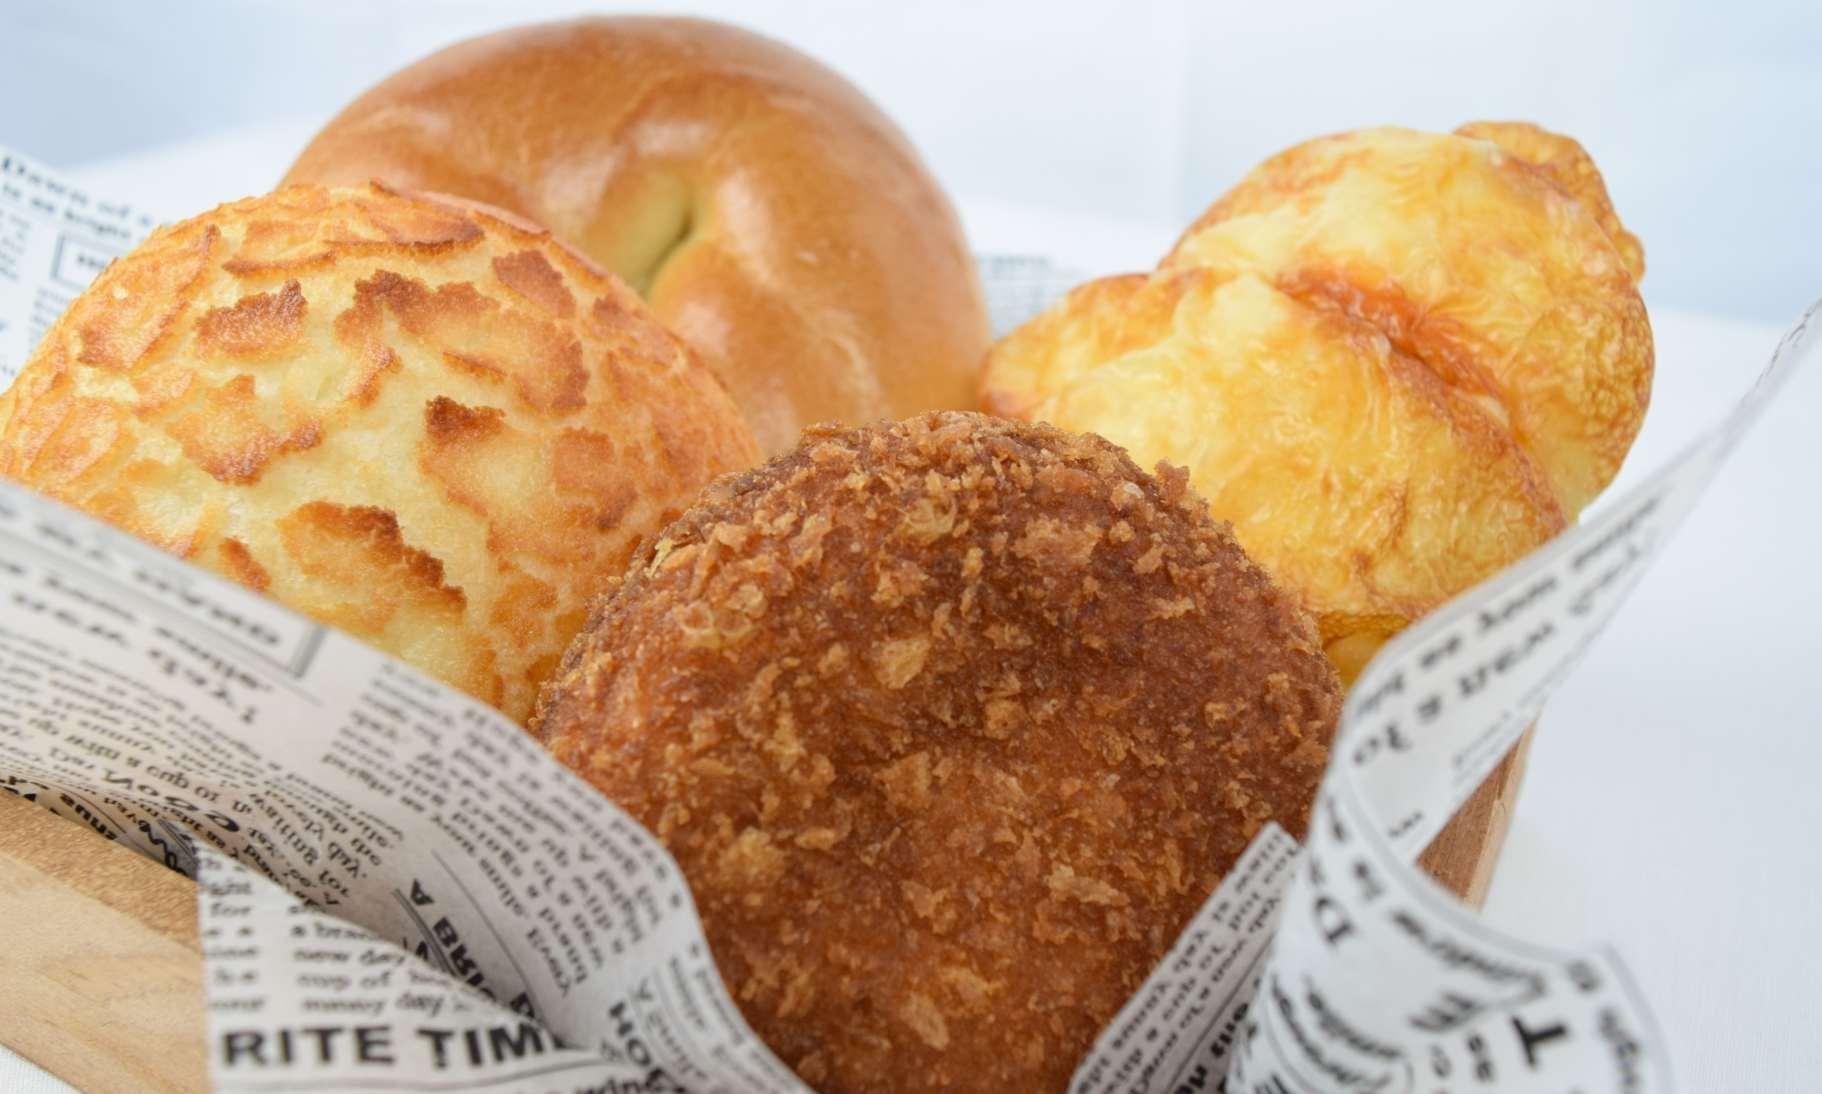 マツコの知らない世界 鎌倉野菜のゴロゴロカレーパン&富士山カレーパンの店舗・購入方法を一足早くご紹介